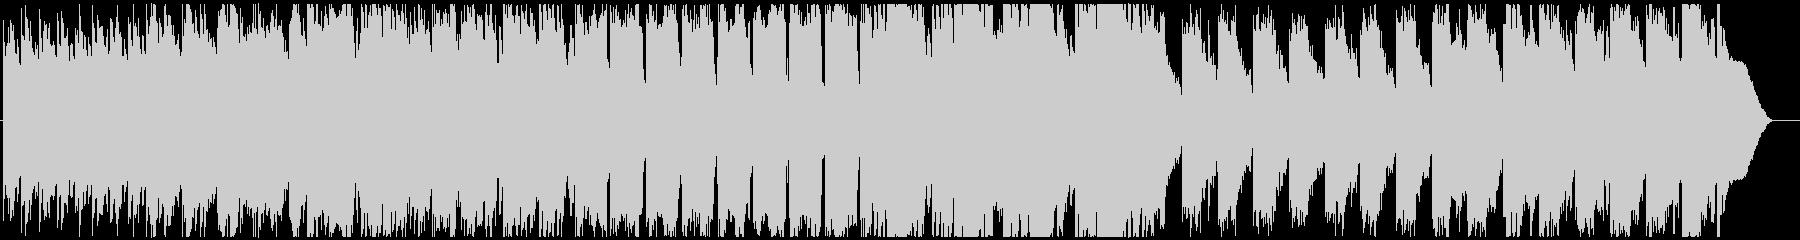 妖精の森をイメージしたファンタジーBGMの未再生の波形